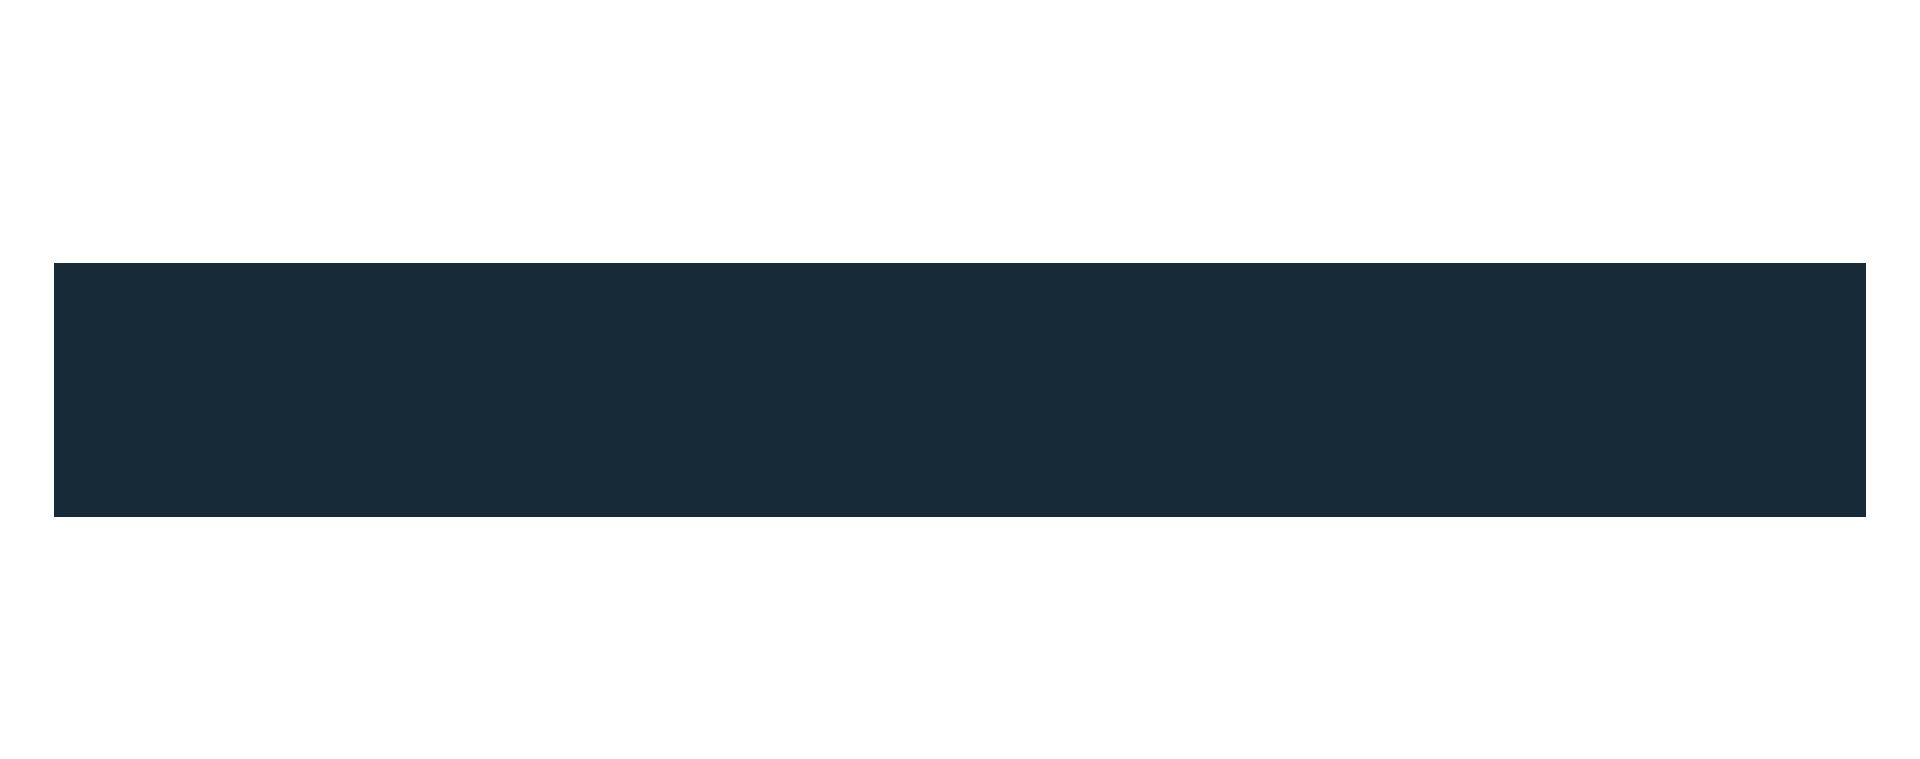 audiocodes resize